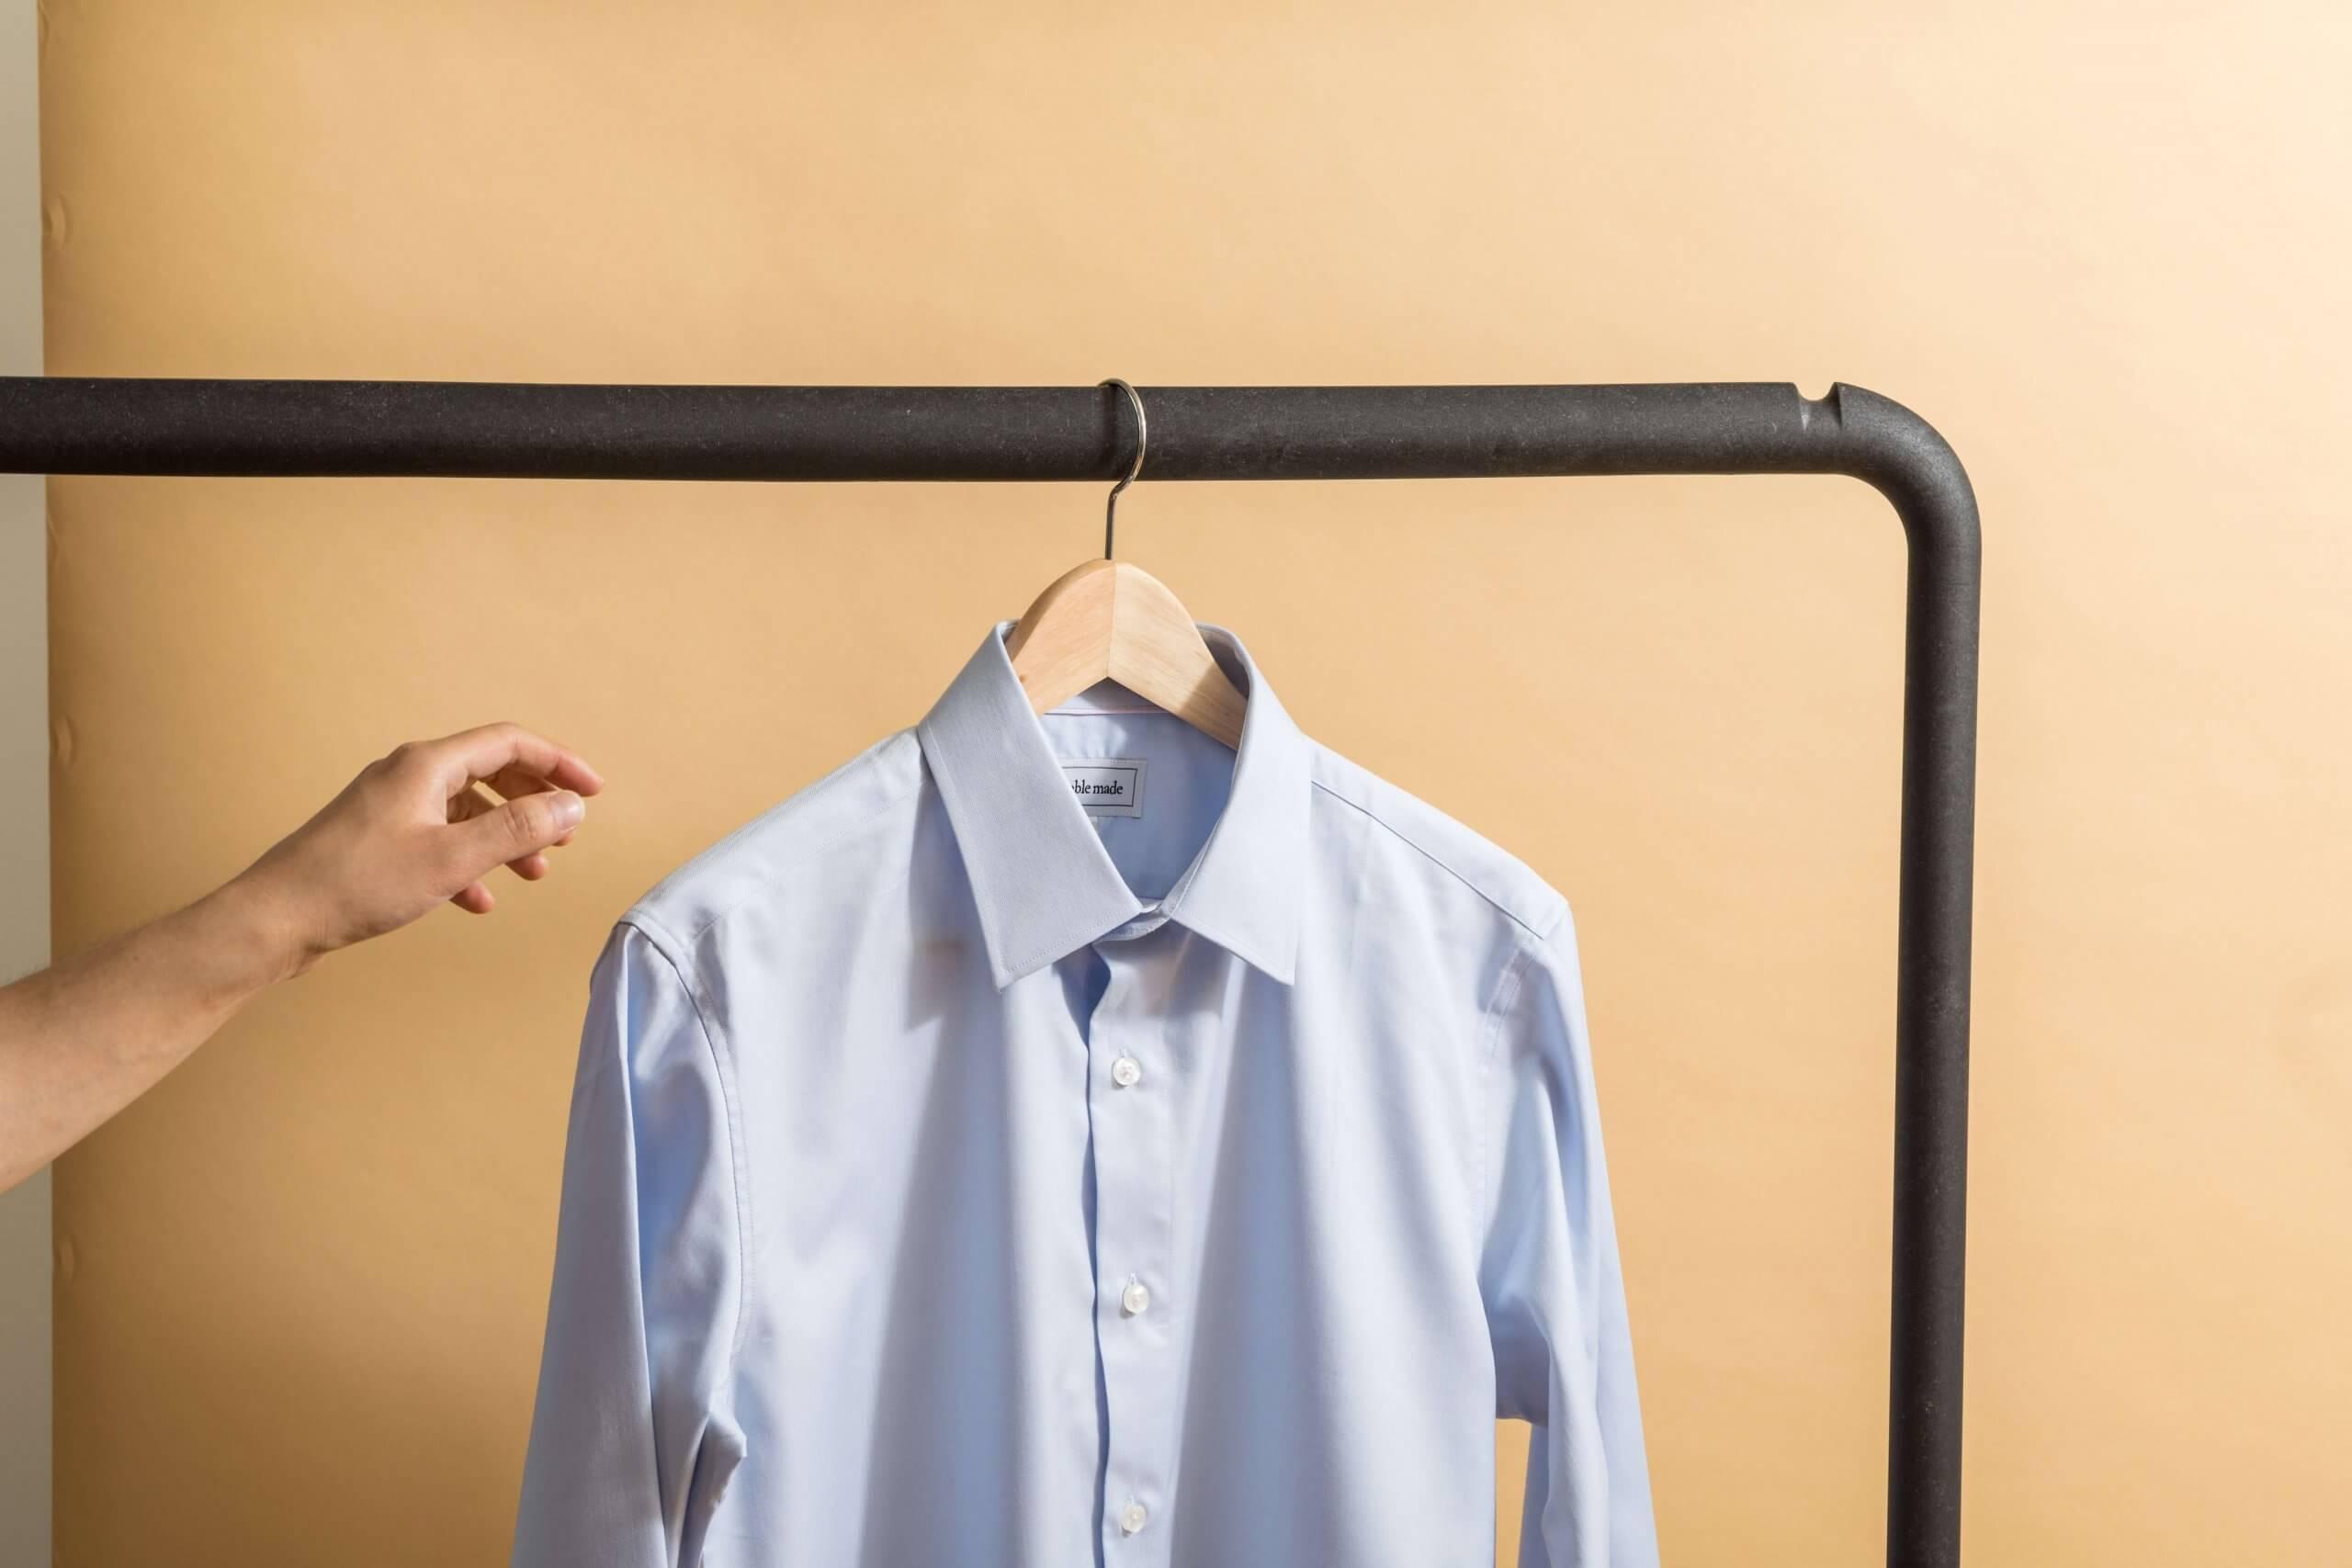 エアライン証明写真に適したシャツ、着こなしのポイントを男女別に解説!